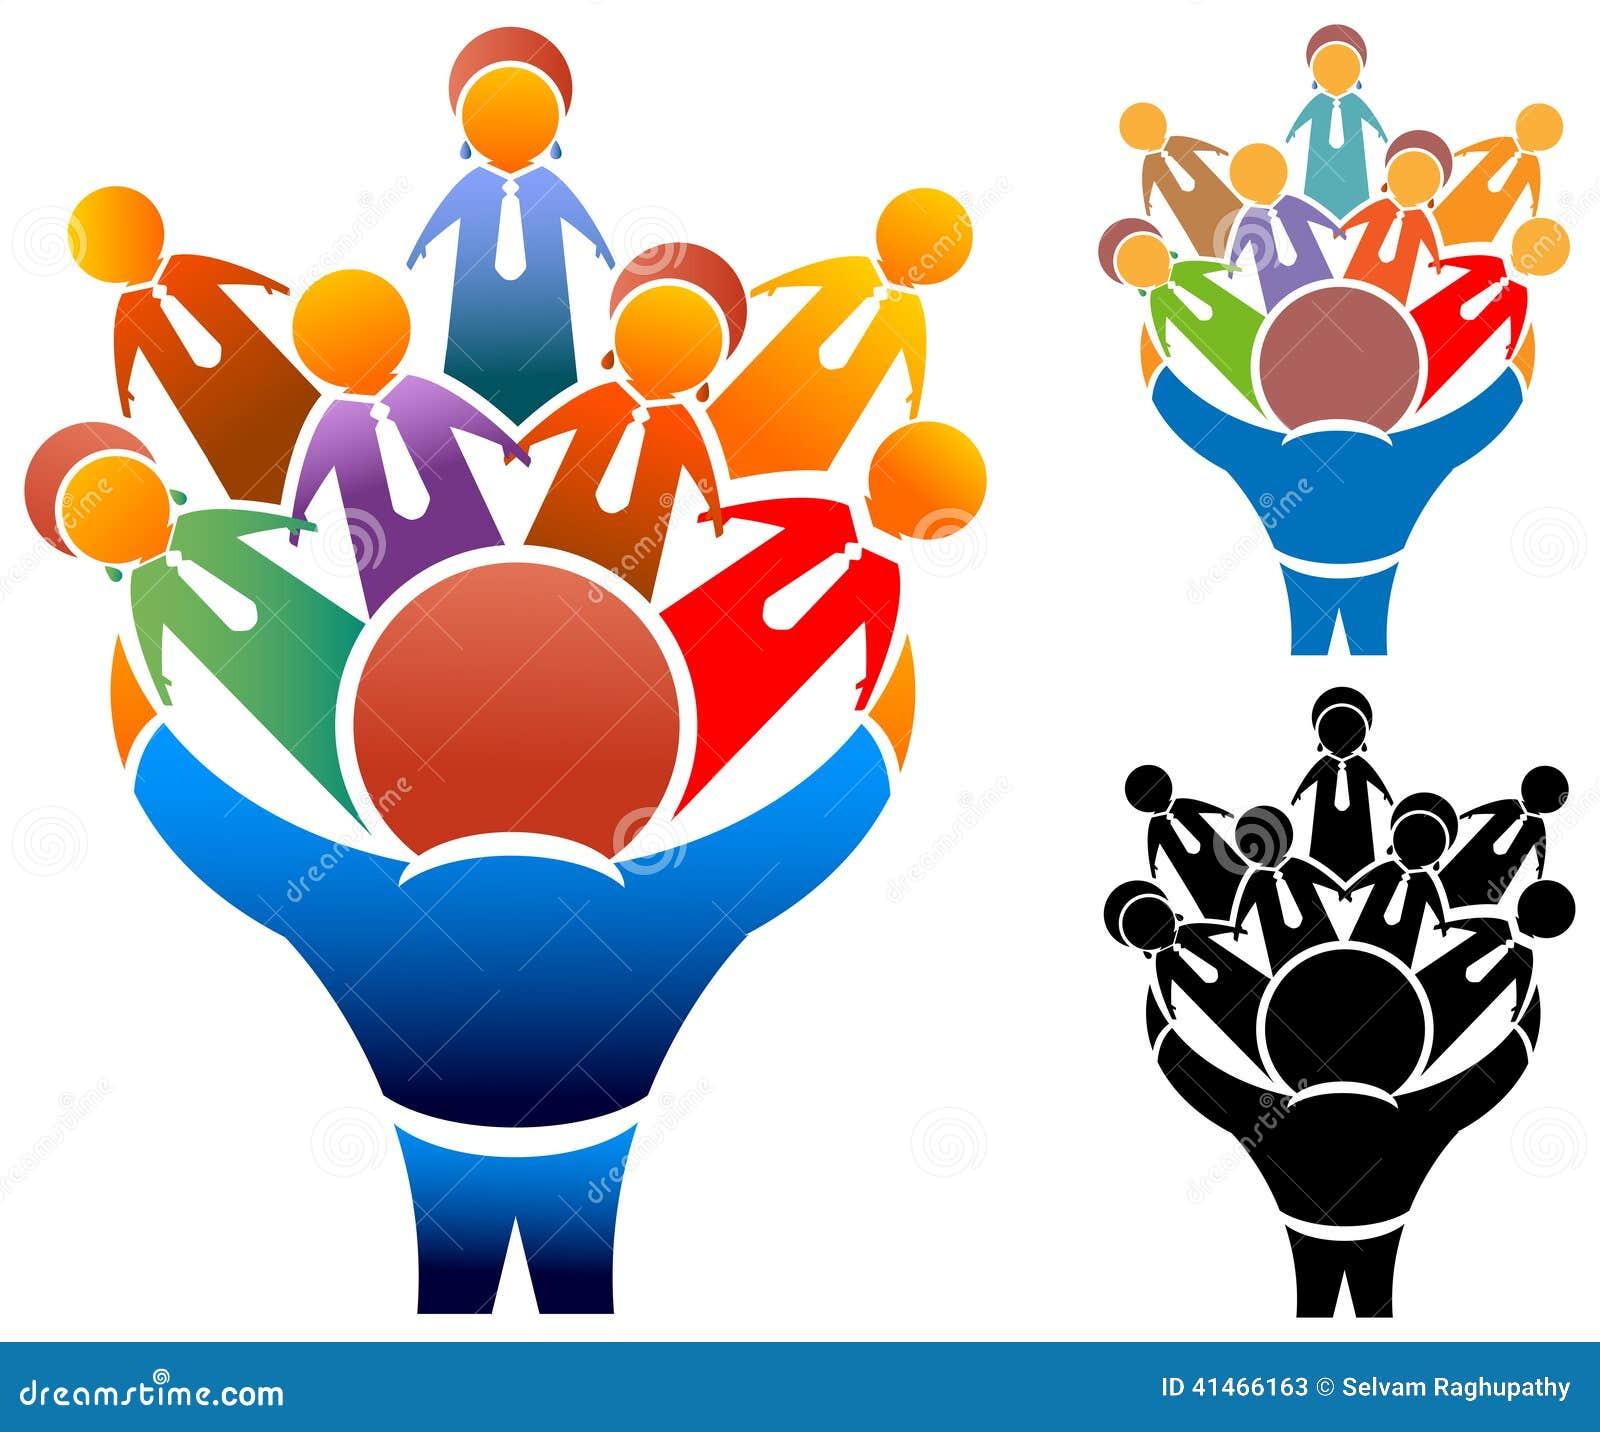 Community Partnership Group 19